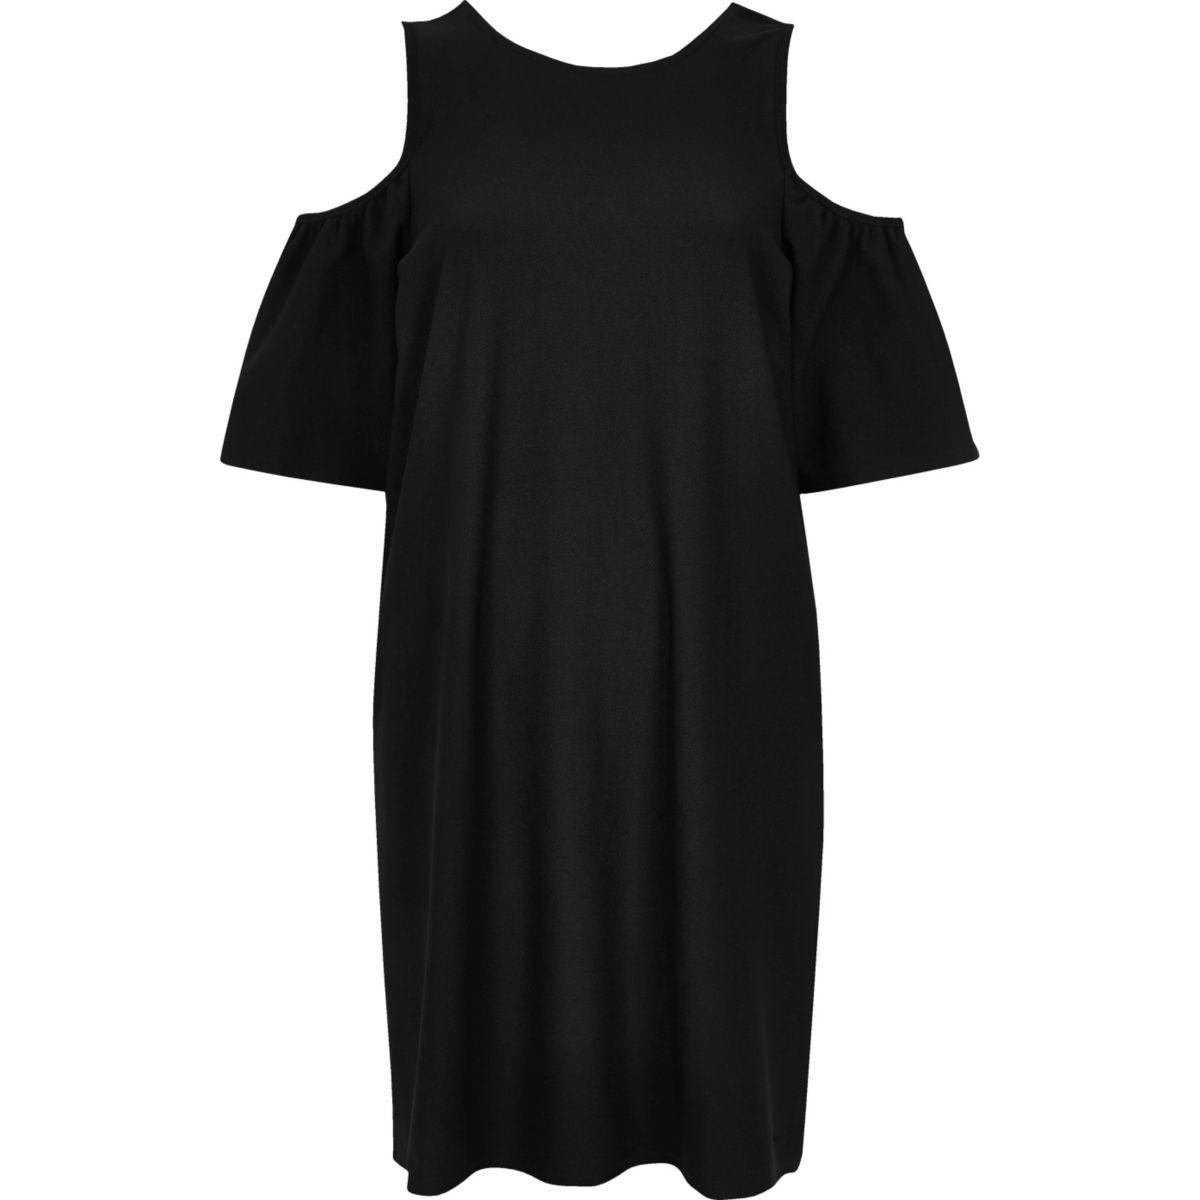 Schwarzes, schulterfreies Swing-Kleid mit Rüschen